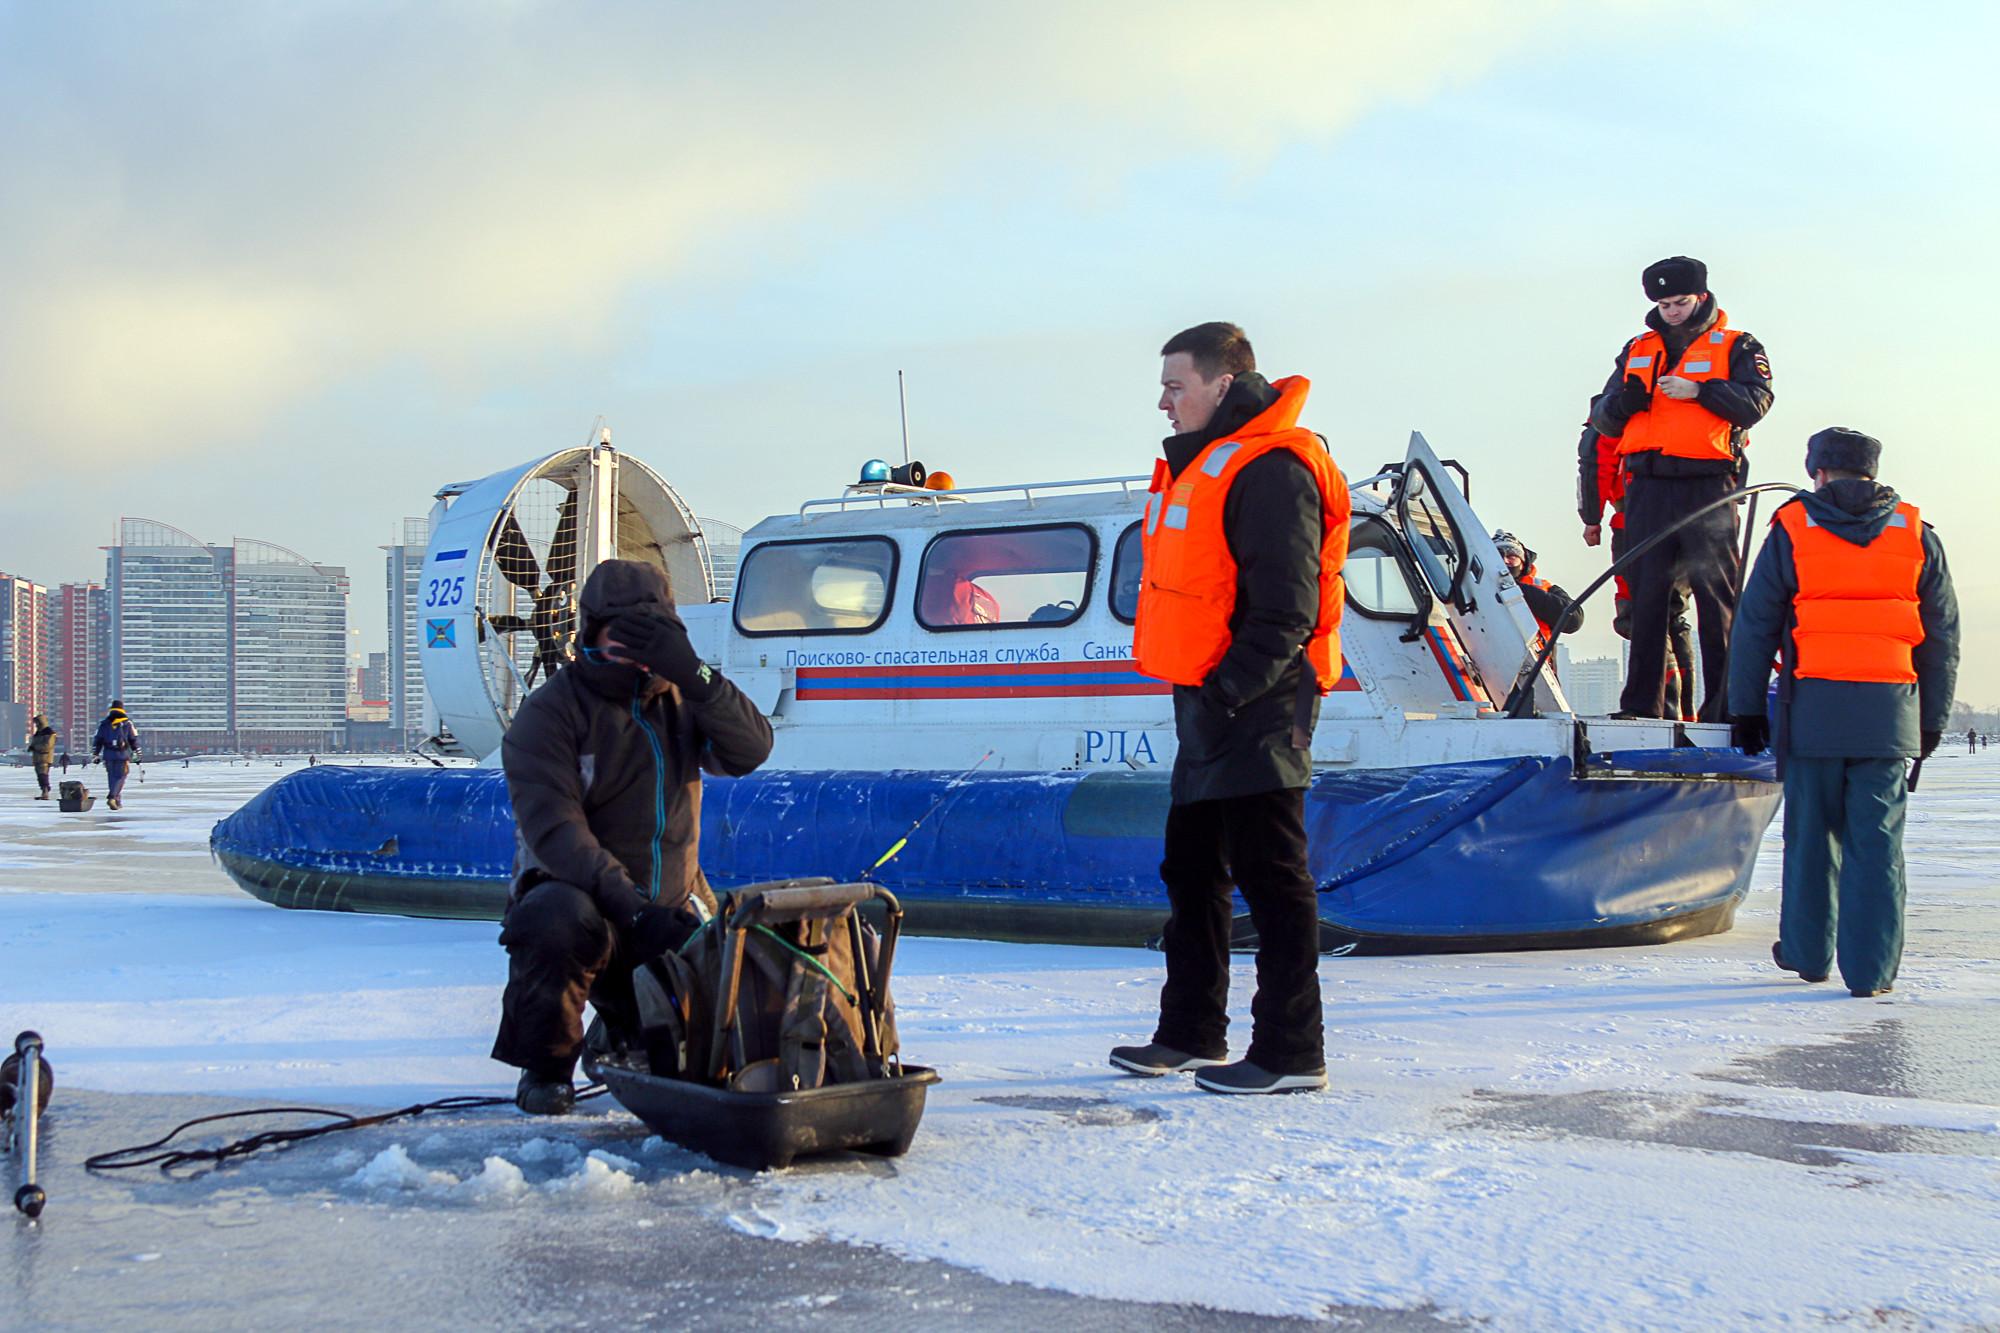 рыбаки, подлёдный лов, запрет на выход на лёд, катер на воздушной подушке, МЧС, спасатели, рейд